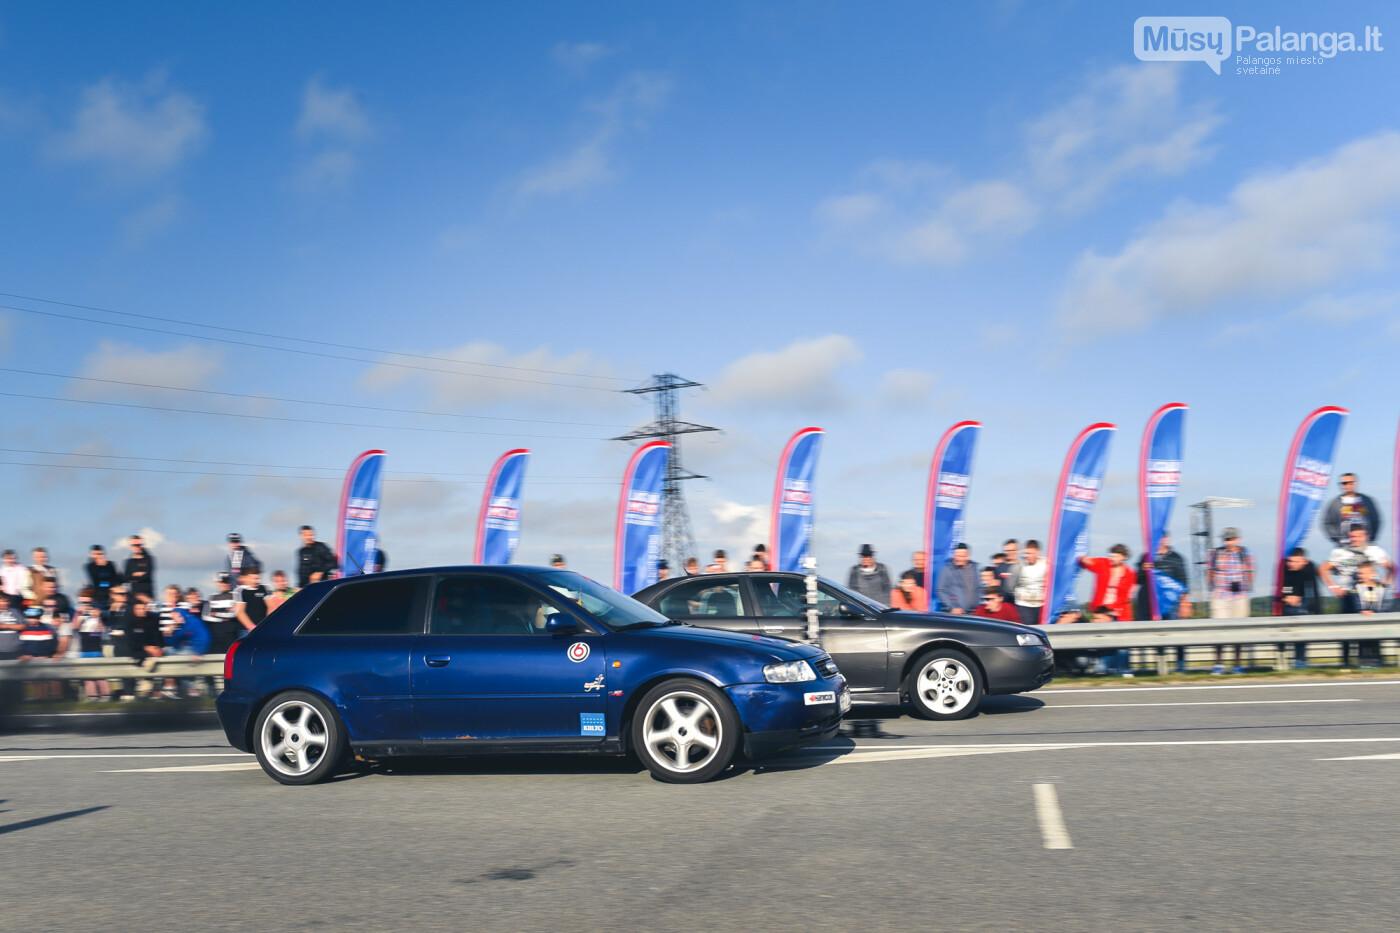 """Traukos lenktynėse Palangoje greičiausi – """"Nissan GT-R"""" automobiliai, nuotrauka-17"""